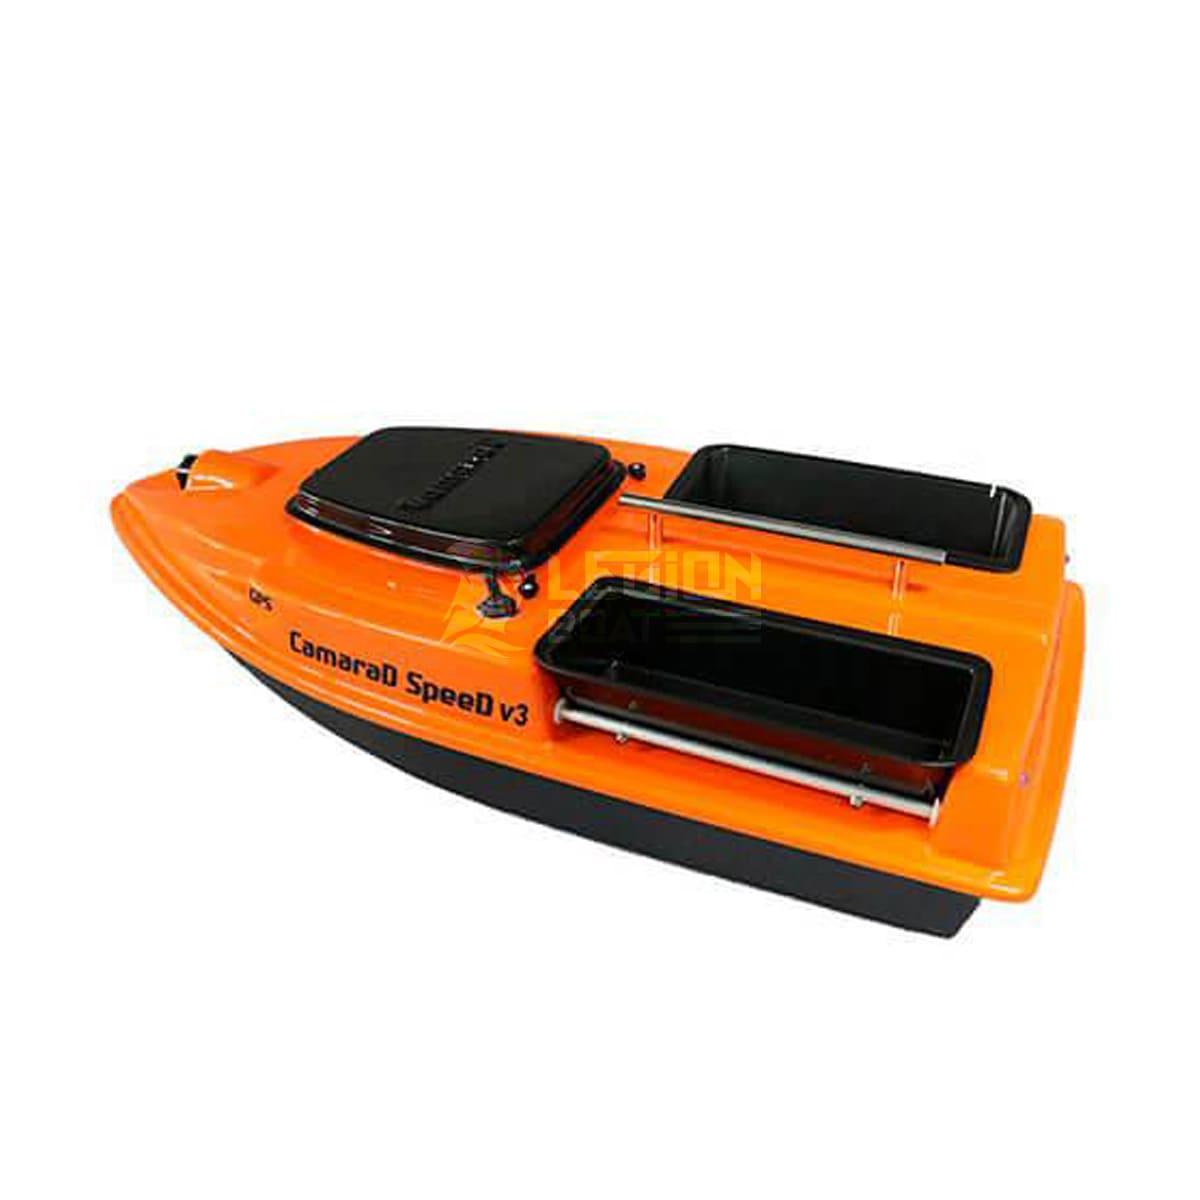 Кораблик Camarad Speed v3